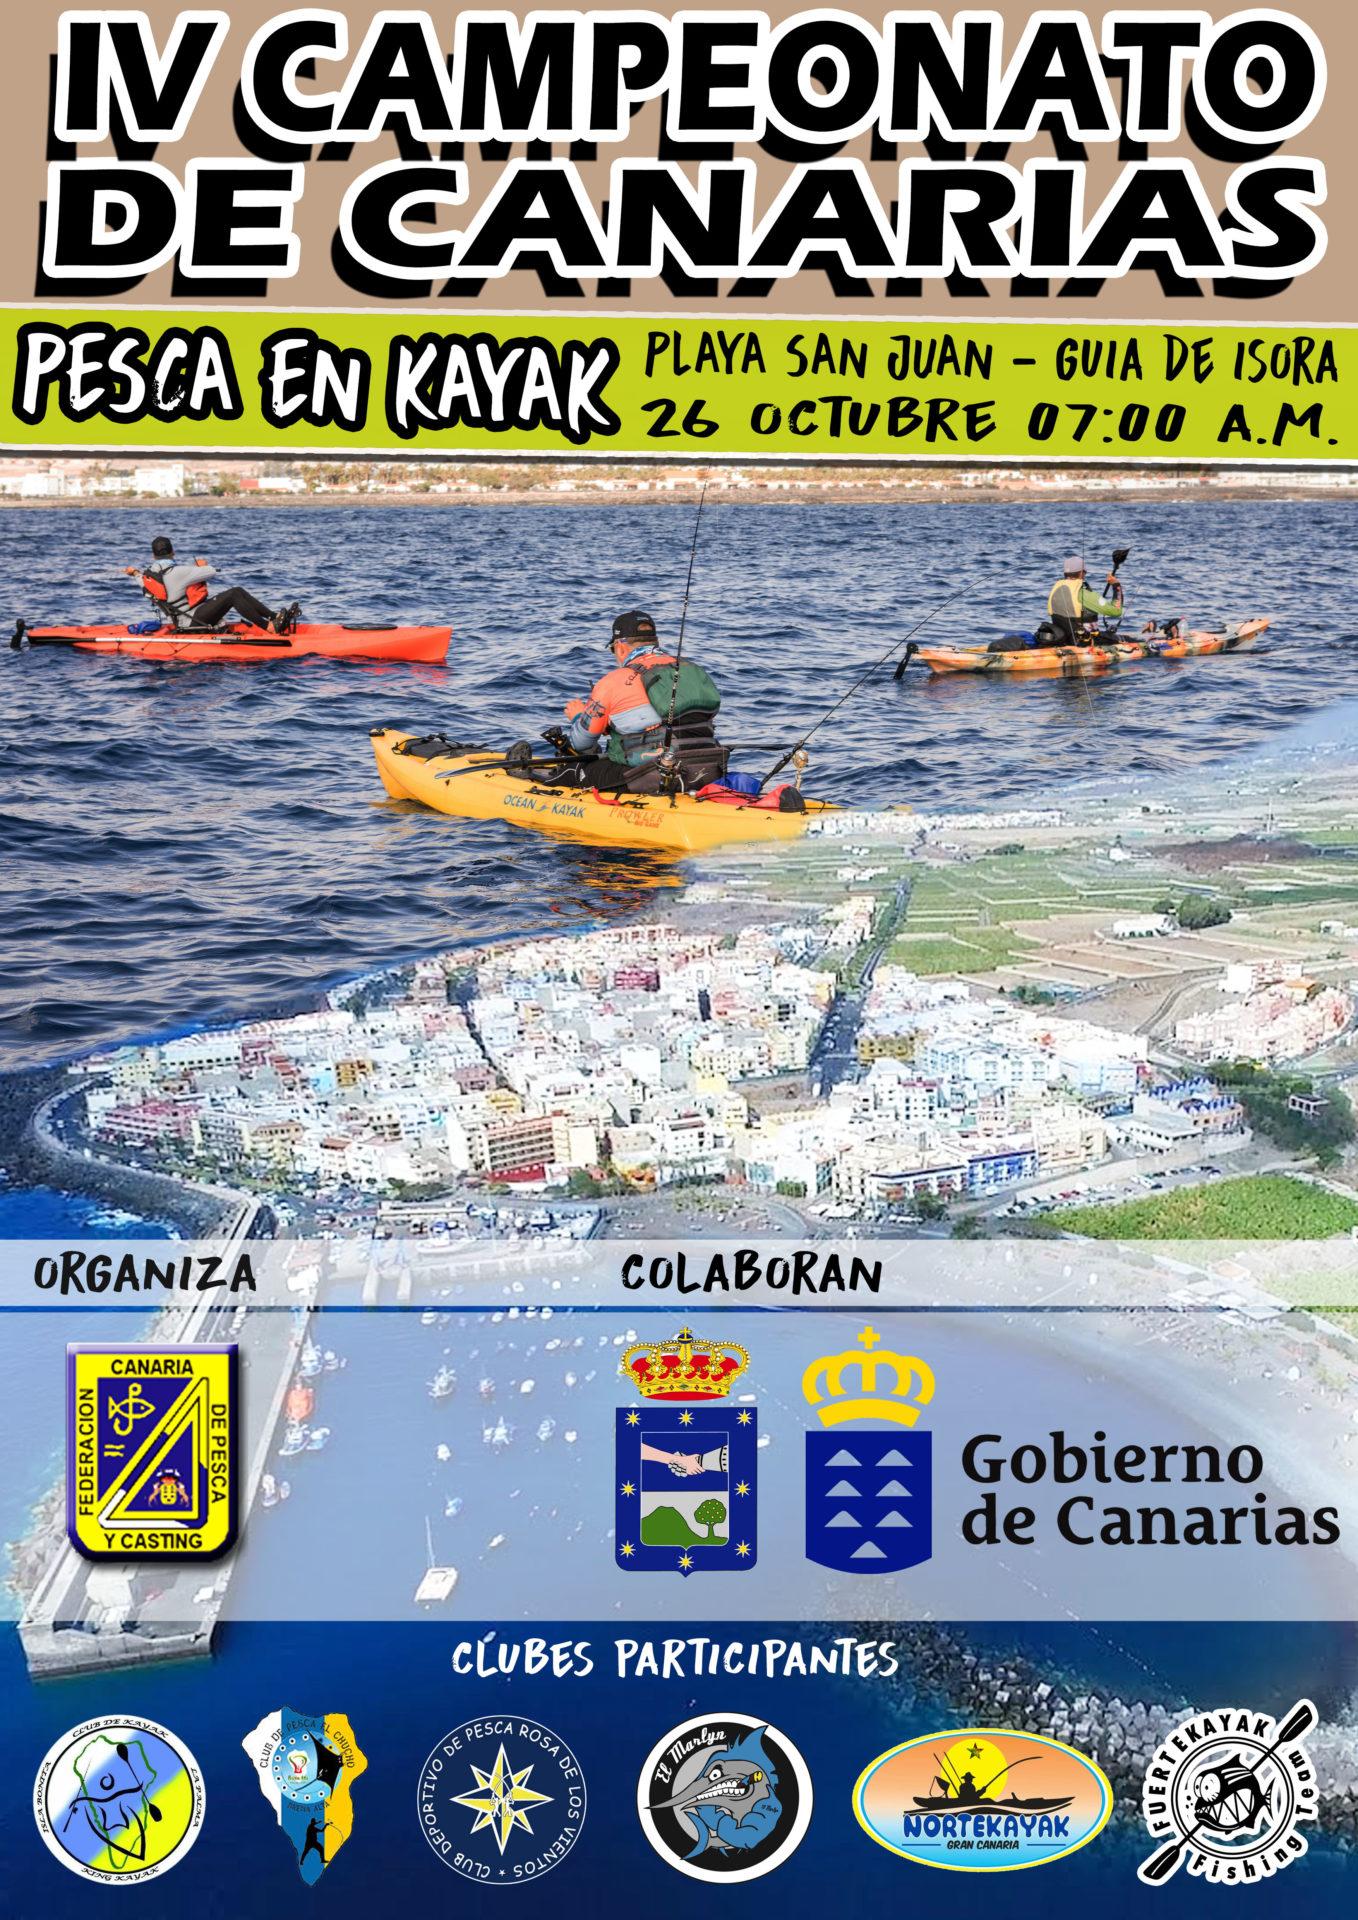 IV Campeonato de Canarias – Pesca en Kayak